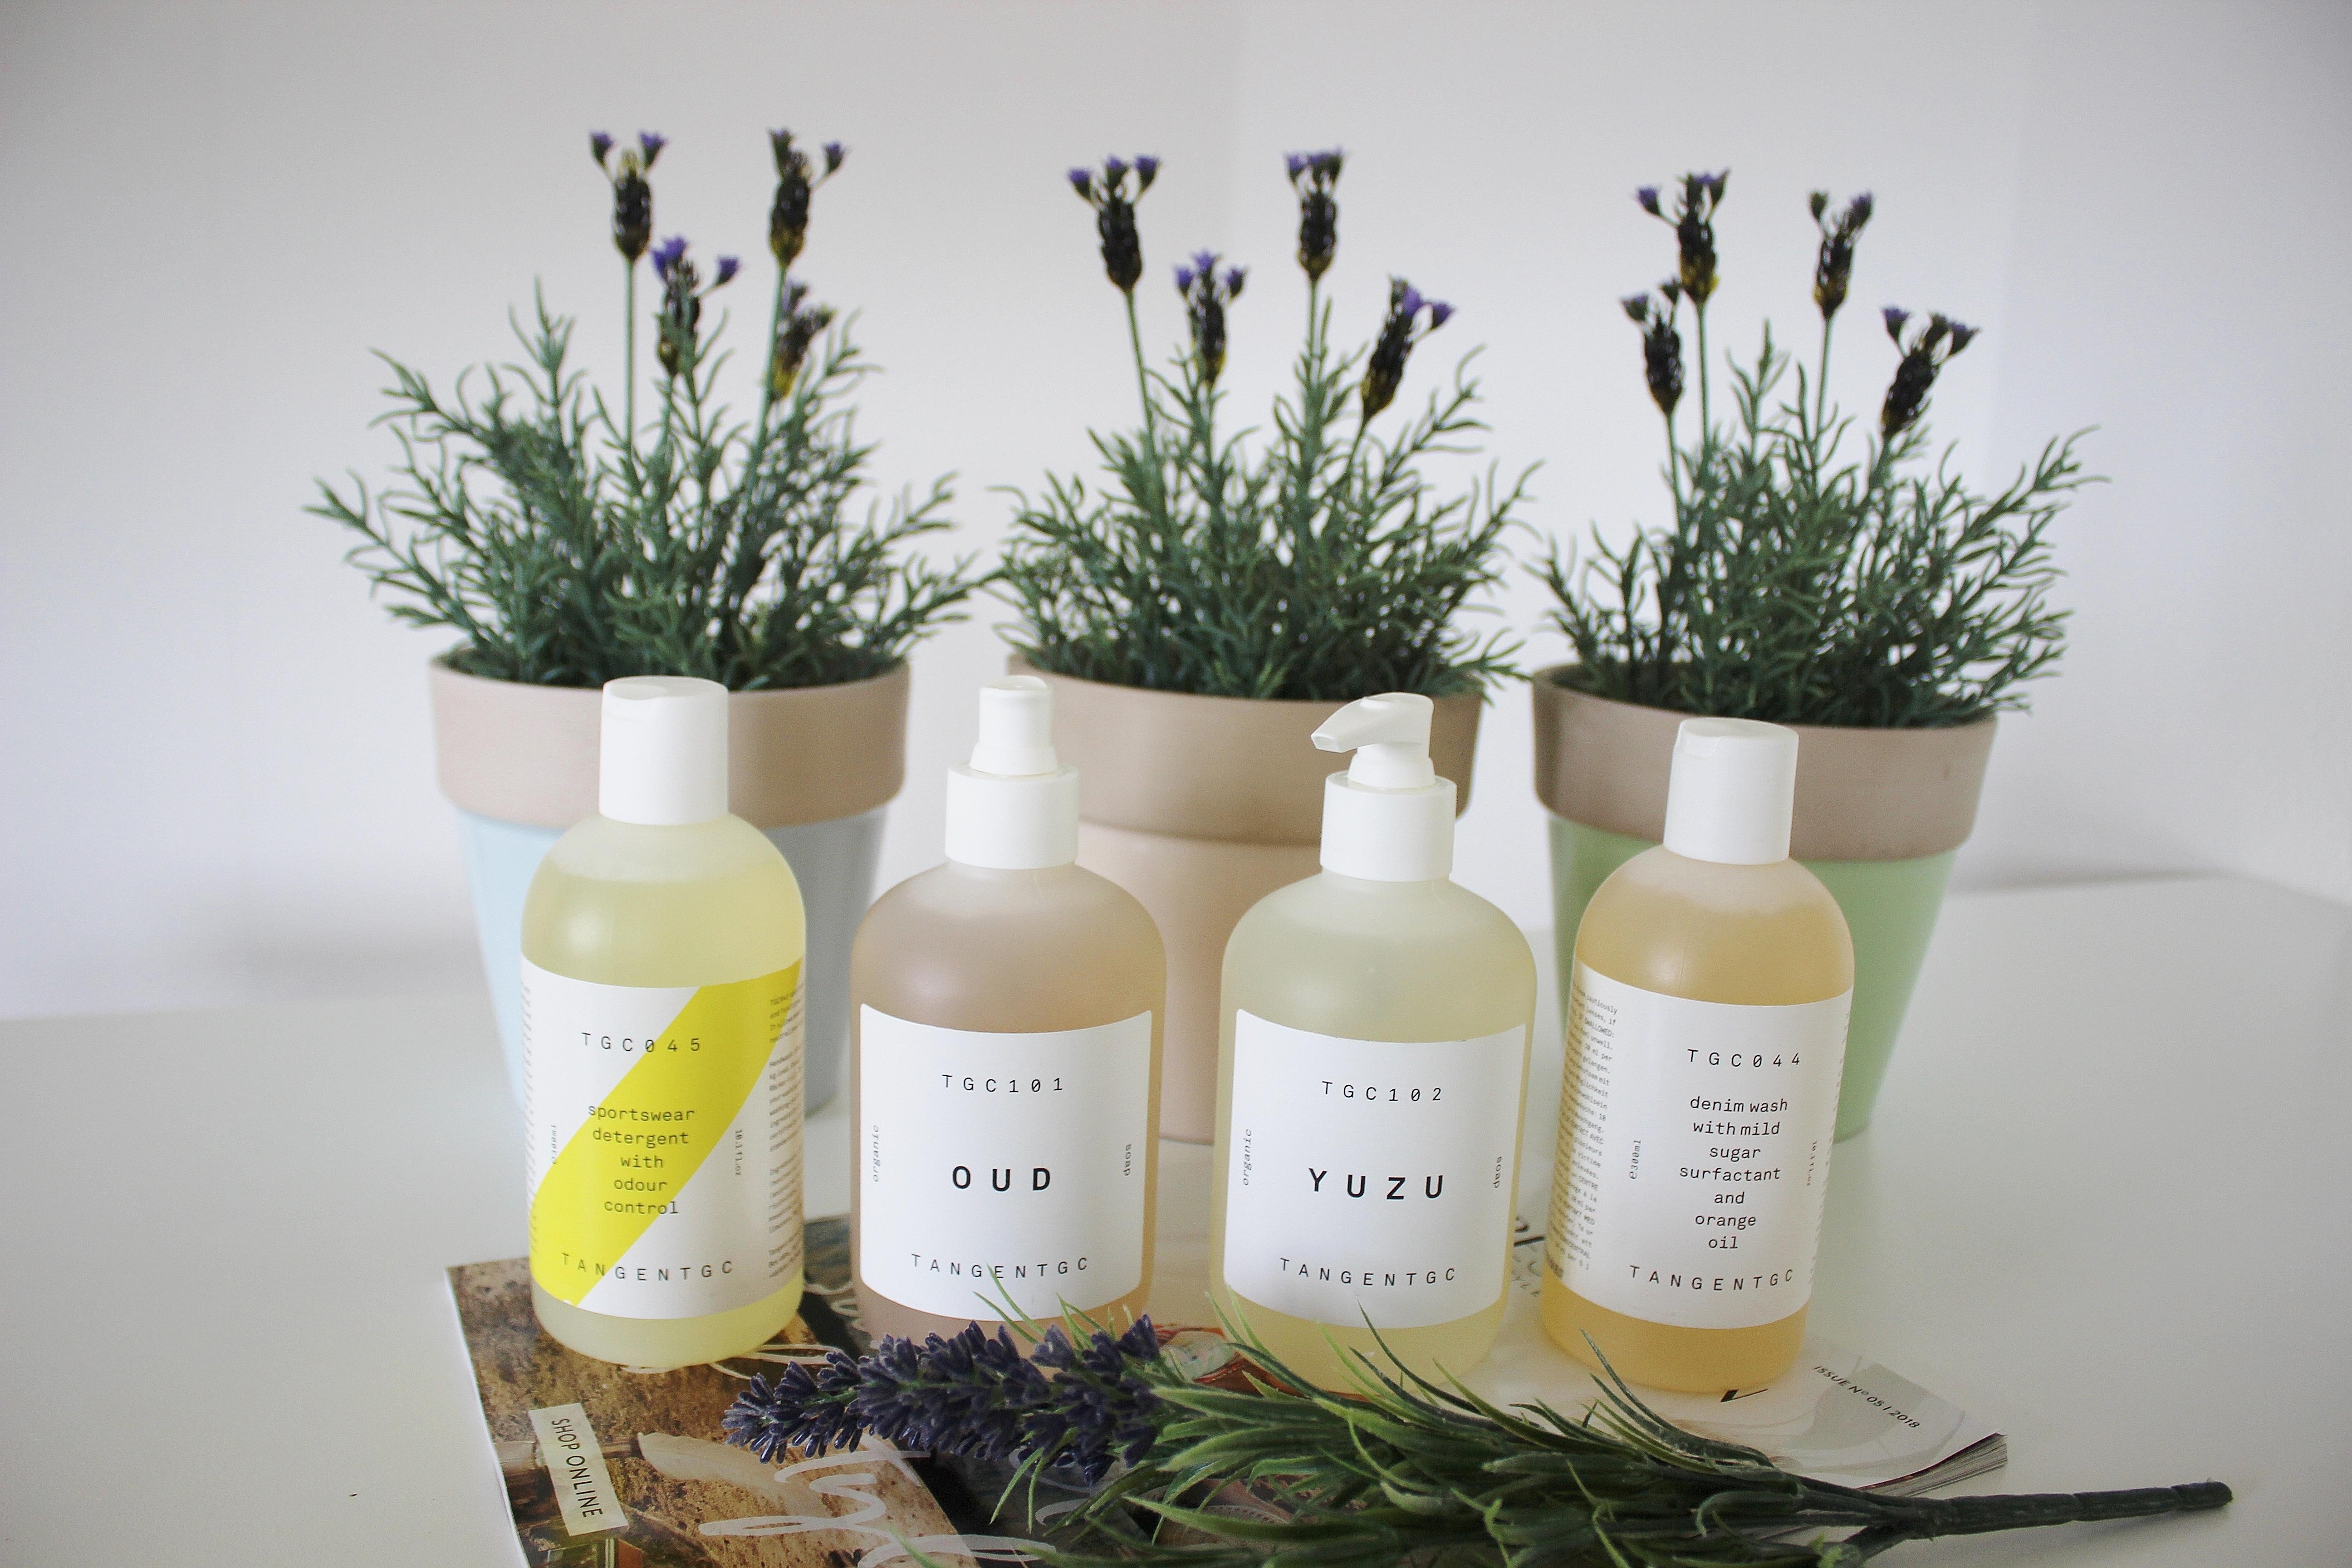 Tagent-GC-Qualitätspflege-Schweden-Waschmittel-Naturbasis-carrieslifestyle-Tamara-Prutsch